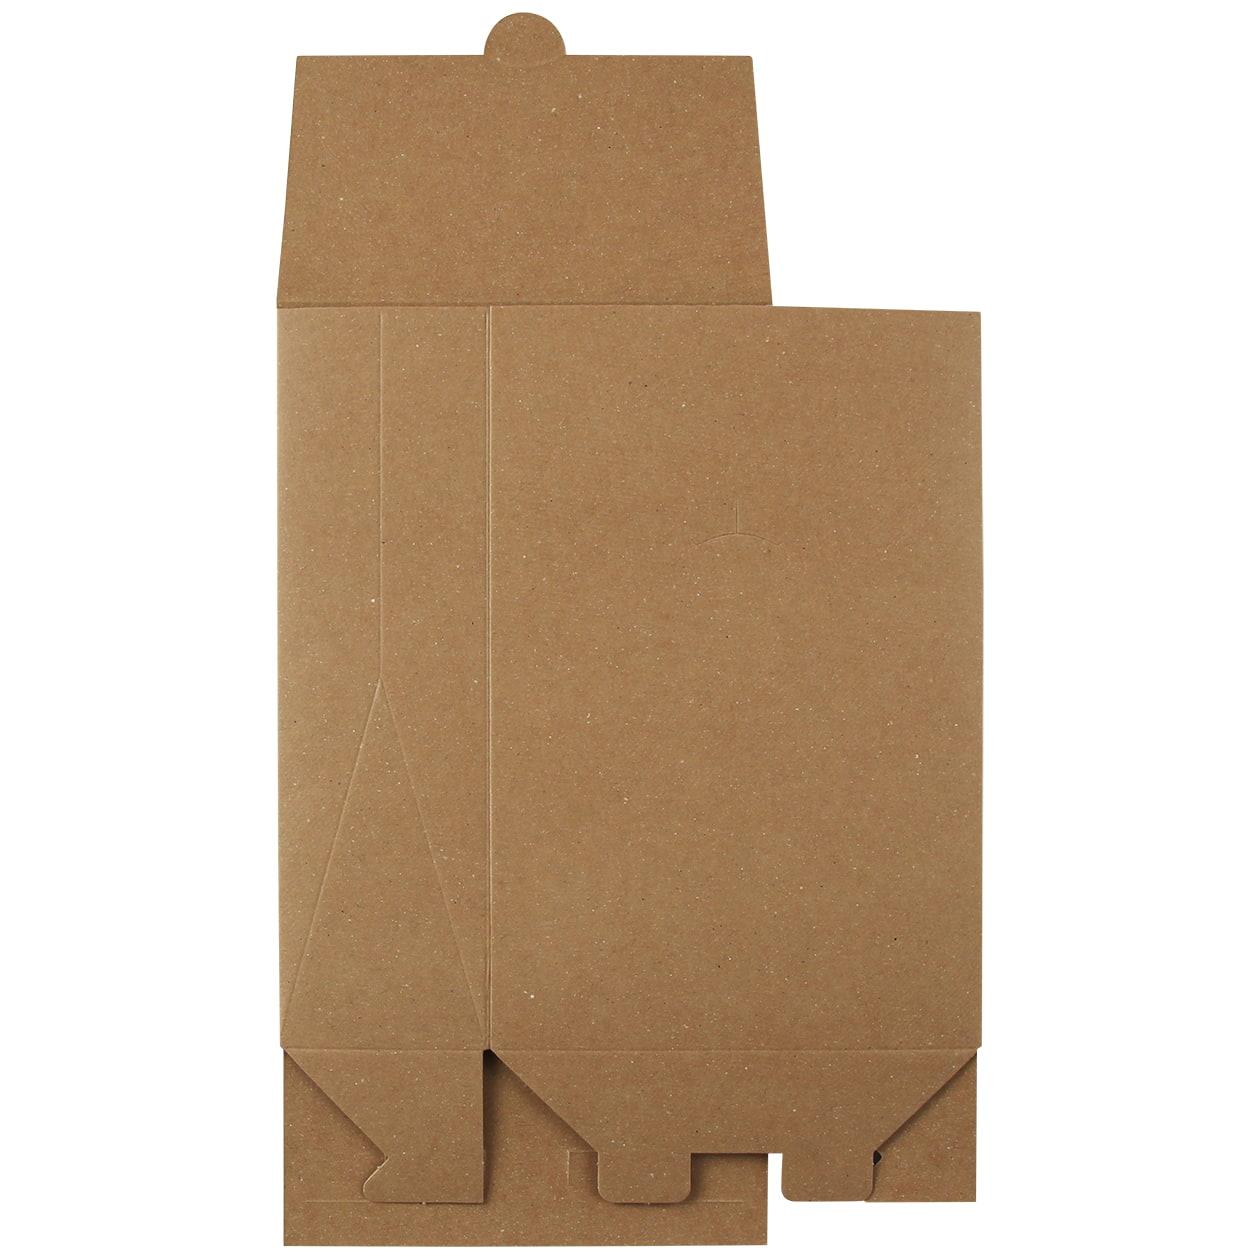 角底箱ロック式120×180×50 ボード紙 ブラウン 270g